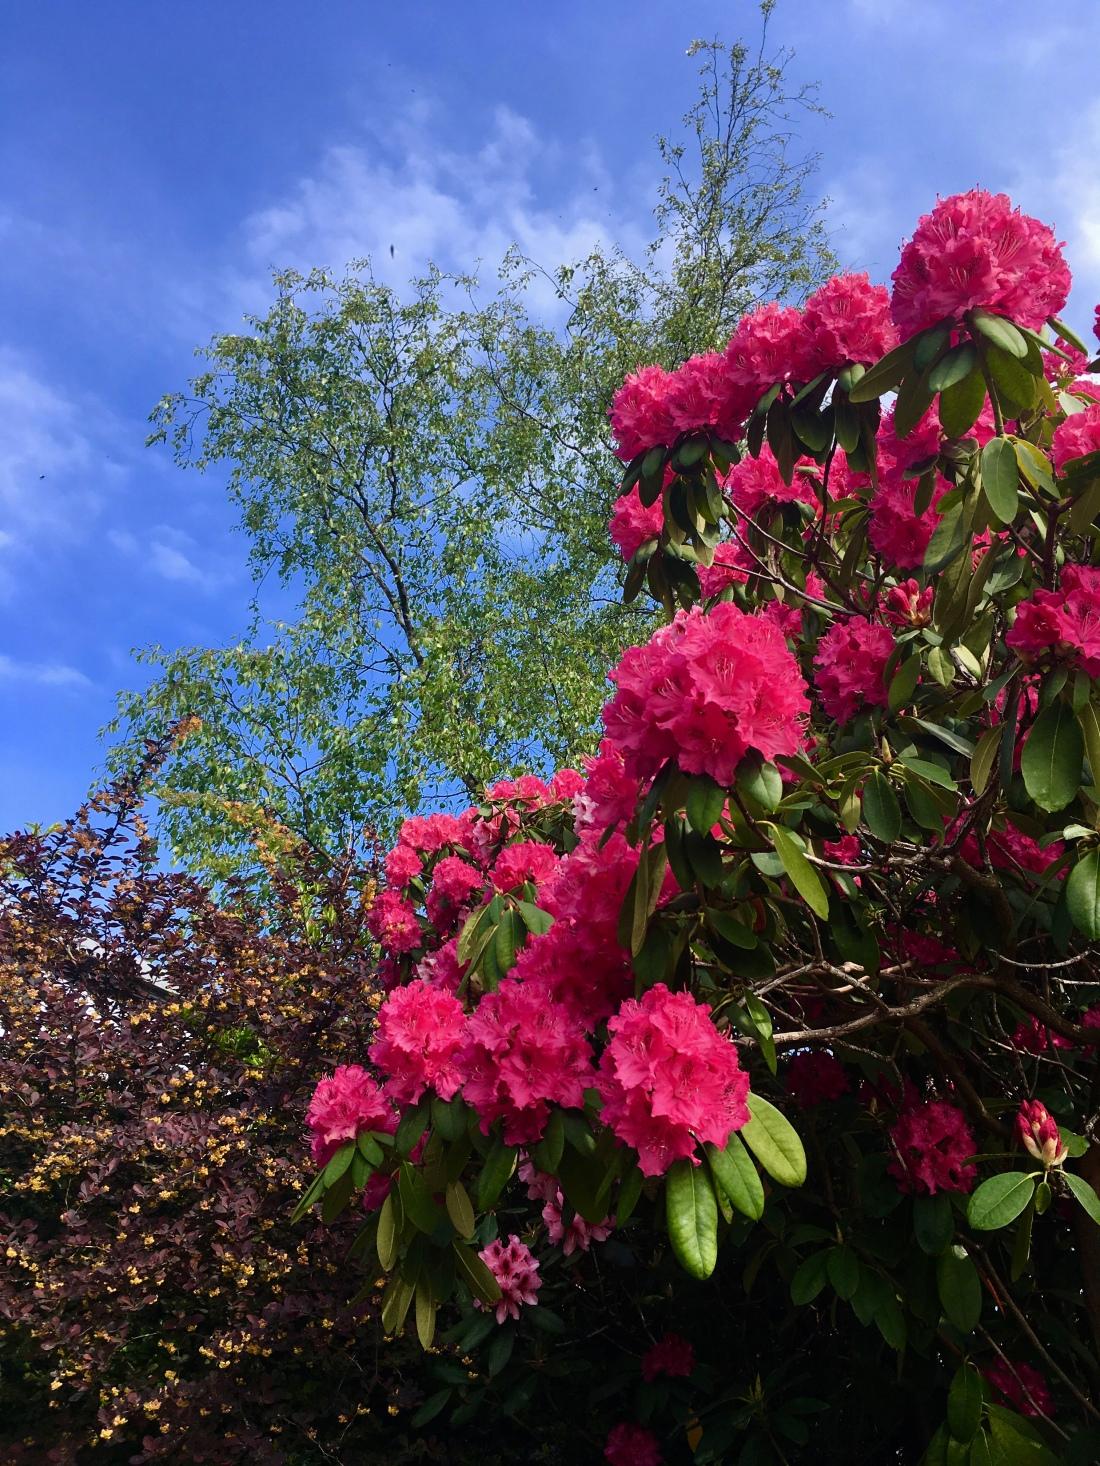 Pink Rhododendrons bt Jez Braithwaite